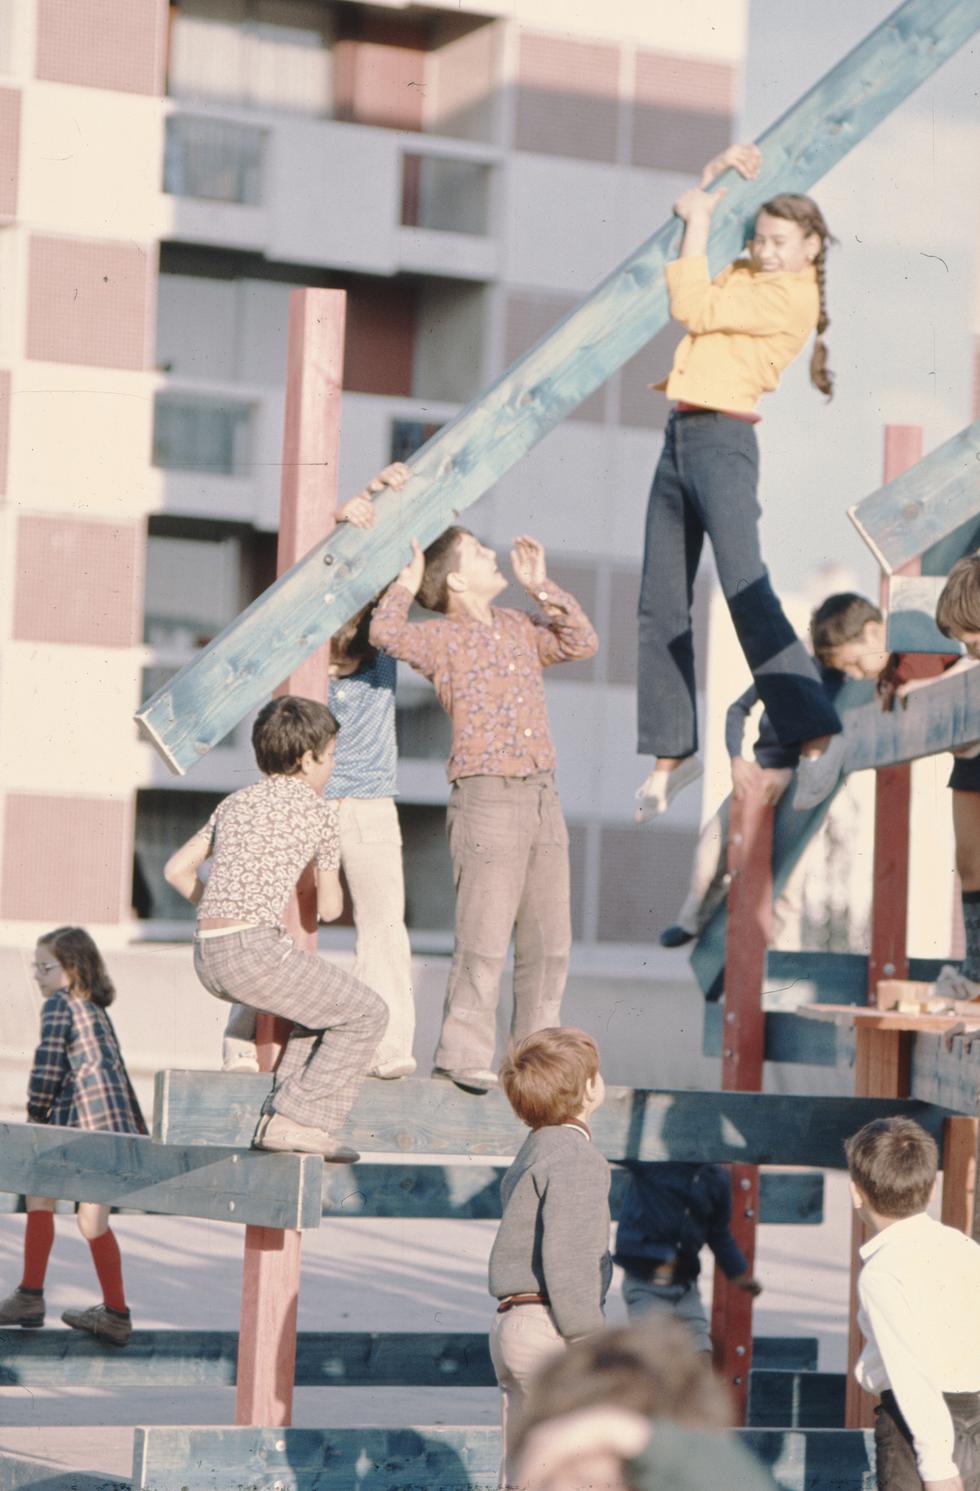 Plac zabaw - laboratorium innowacji?